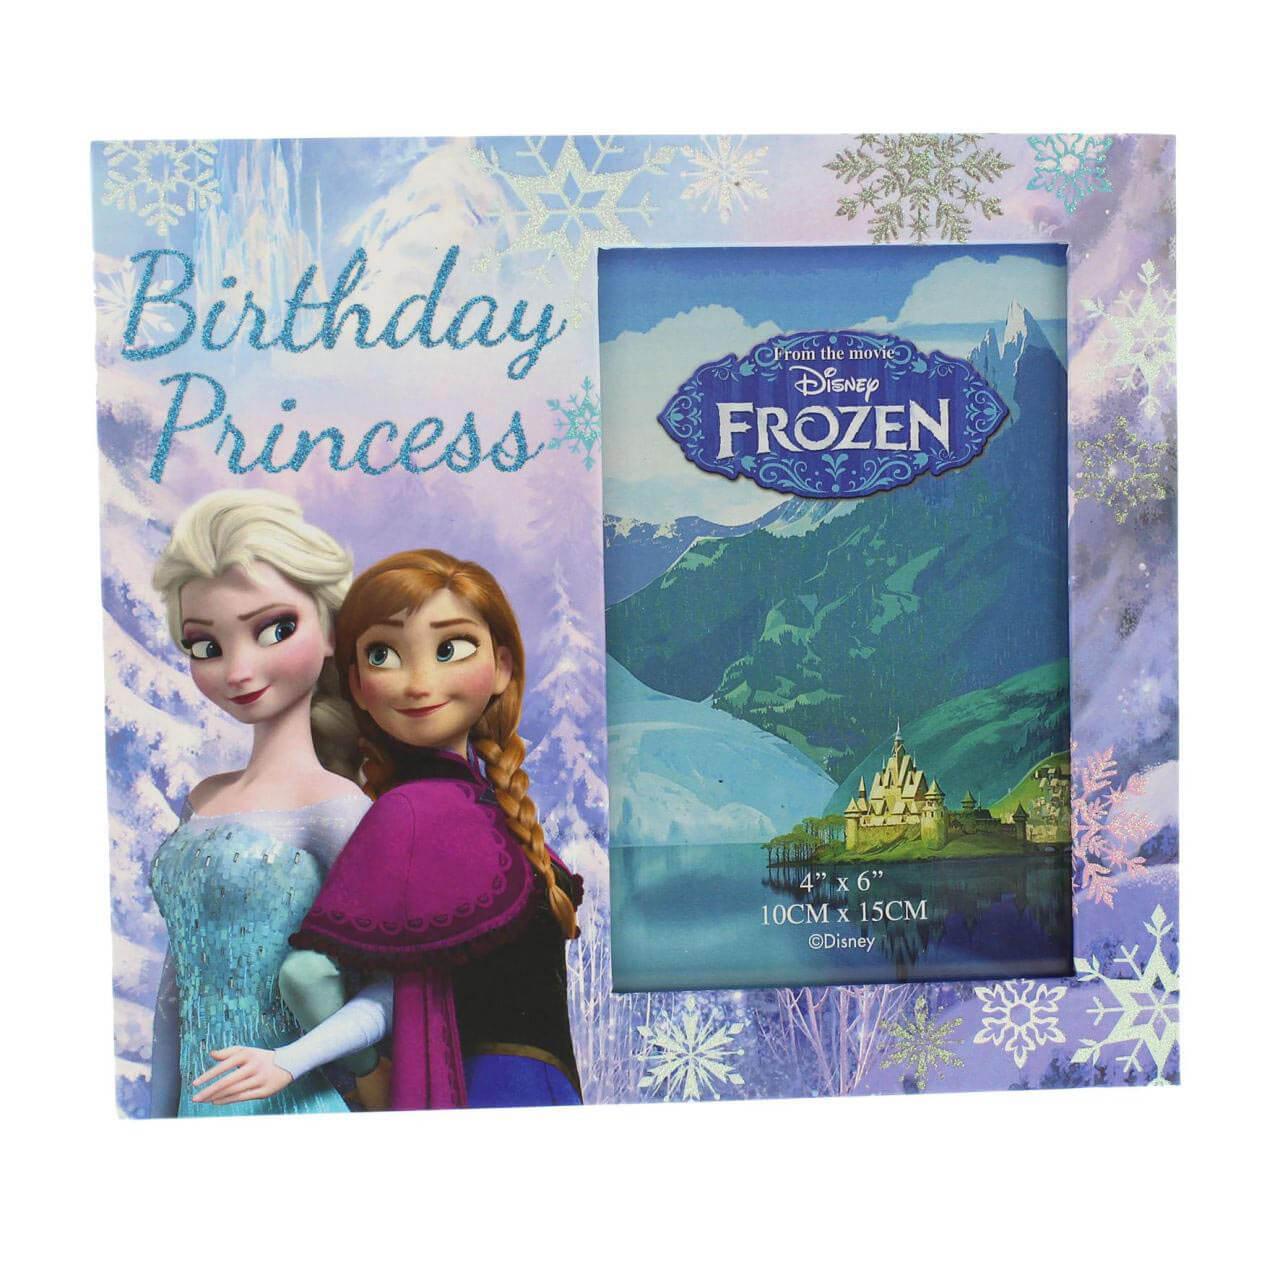 Disney Frozen - Rama foto cu Anna and Elsa